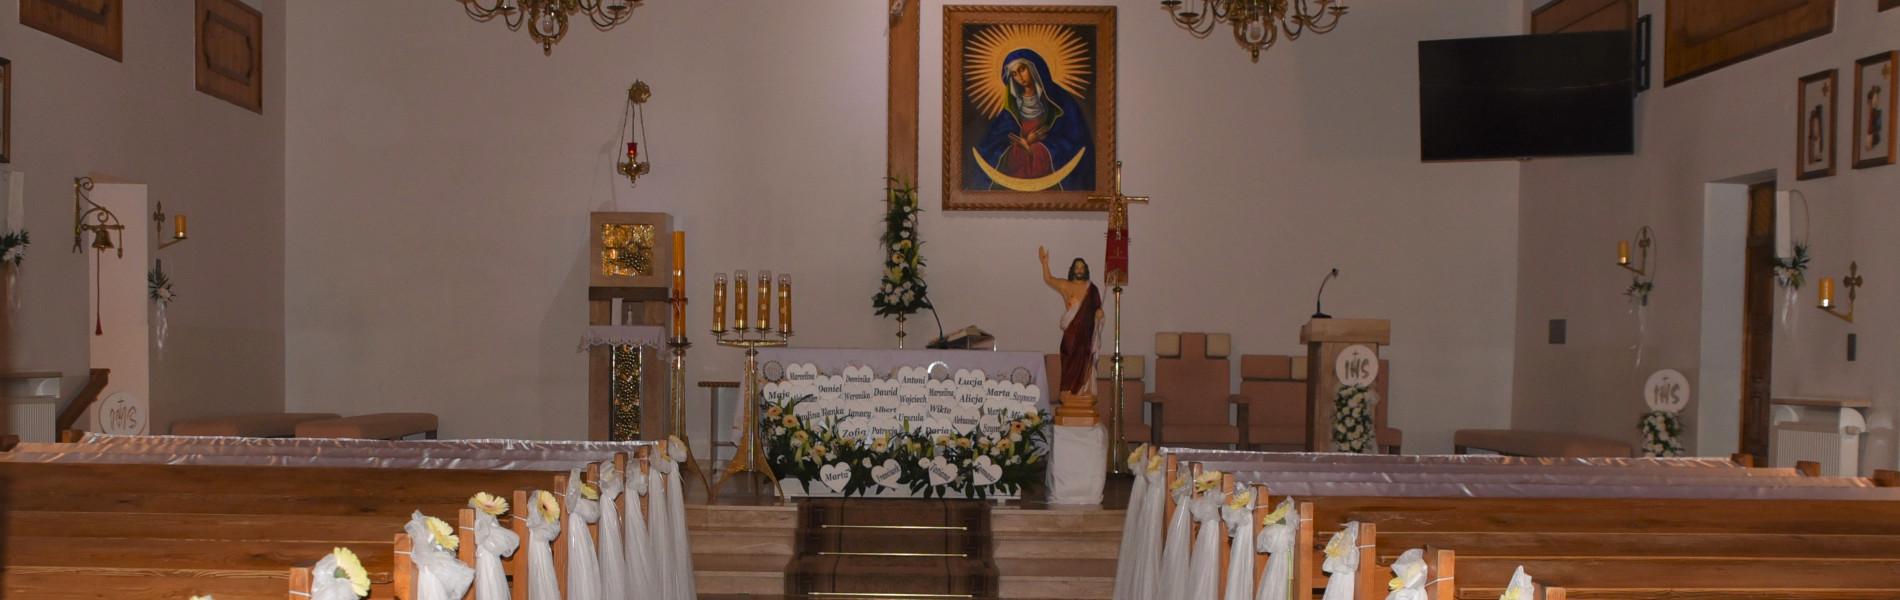 W naszym kościele